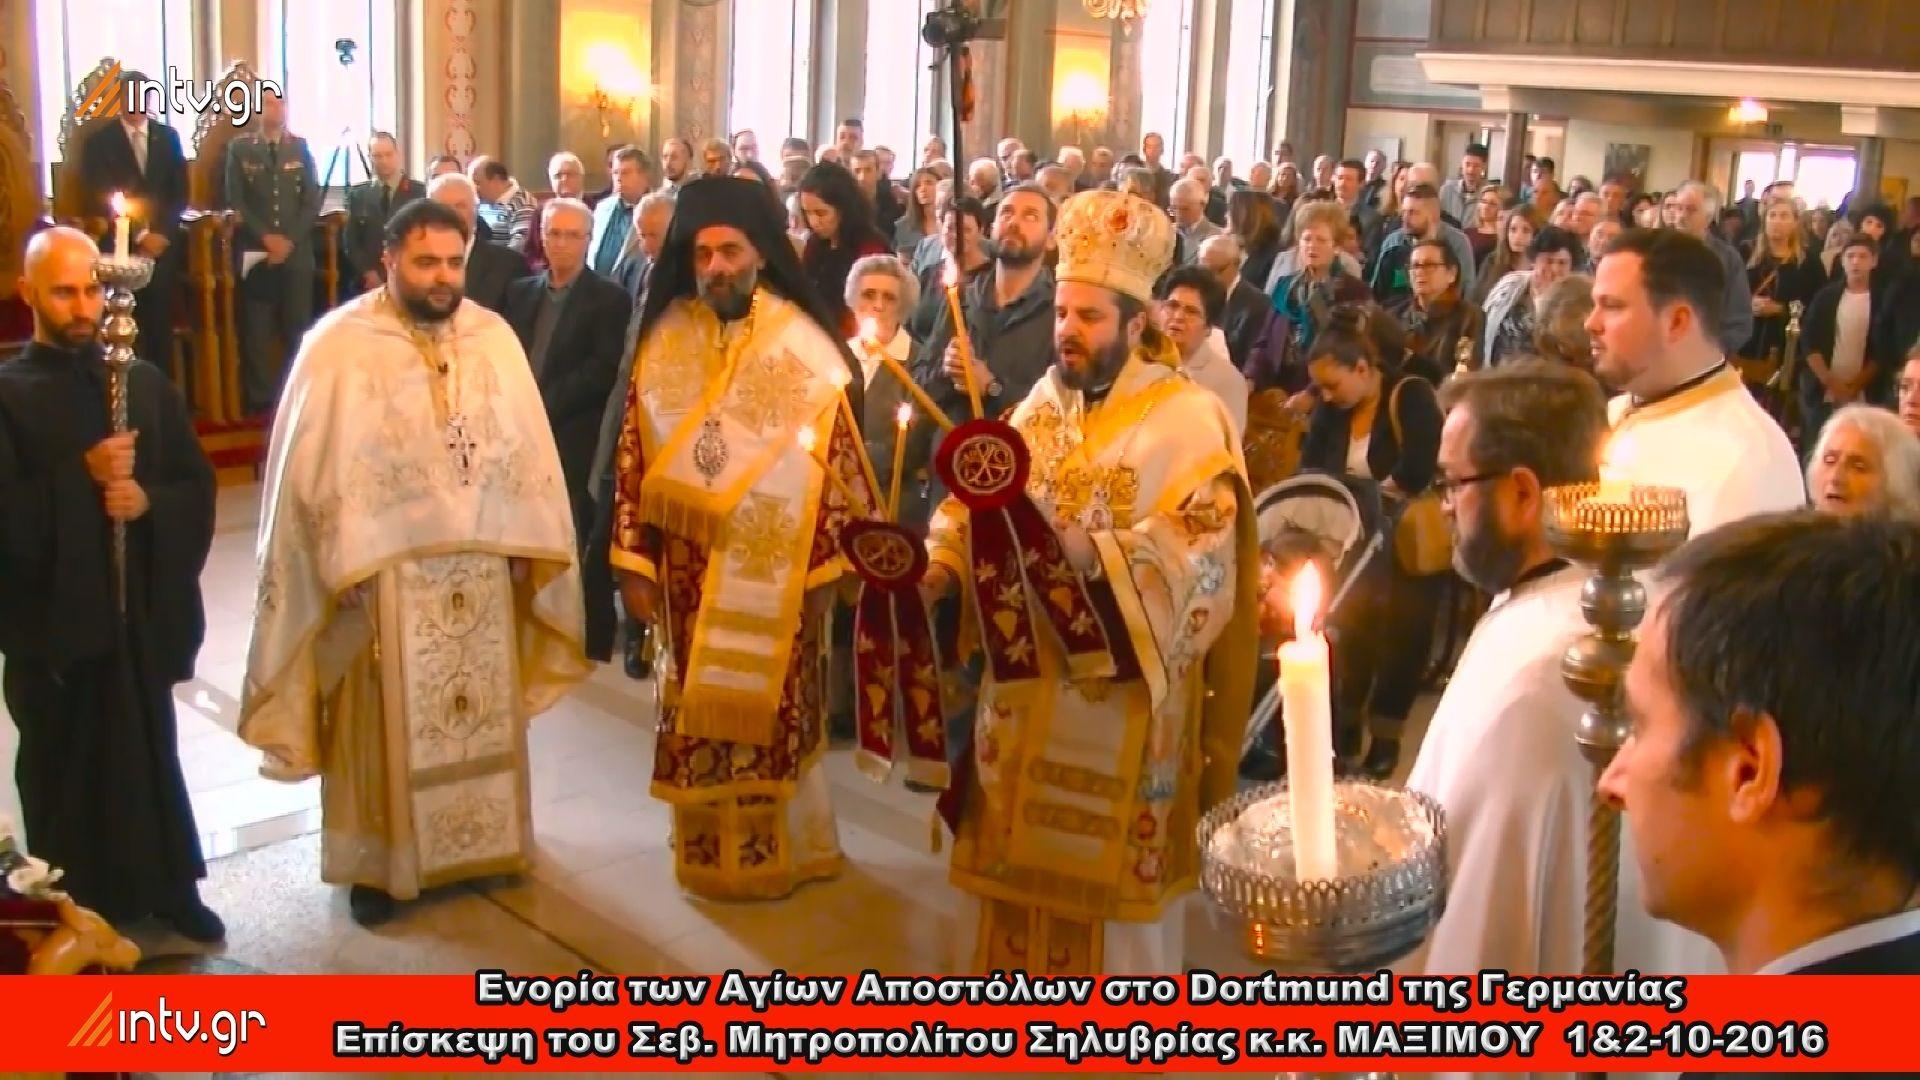 Ενορία των Αγίων Αποστόλων στο Dortmund της Γερμανίας - Επίσκεψη του Σεβ. Μητροπολίτου Σηλυβρίας κ.κ. ΜΑΞΙΜΟΥ